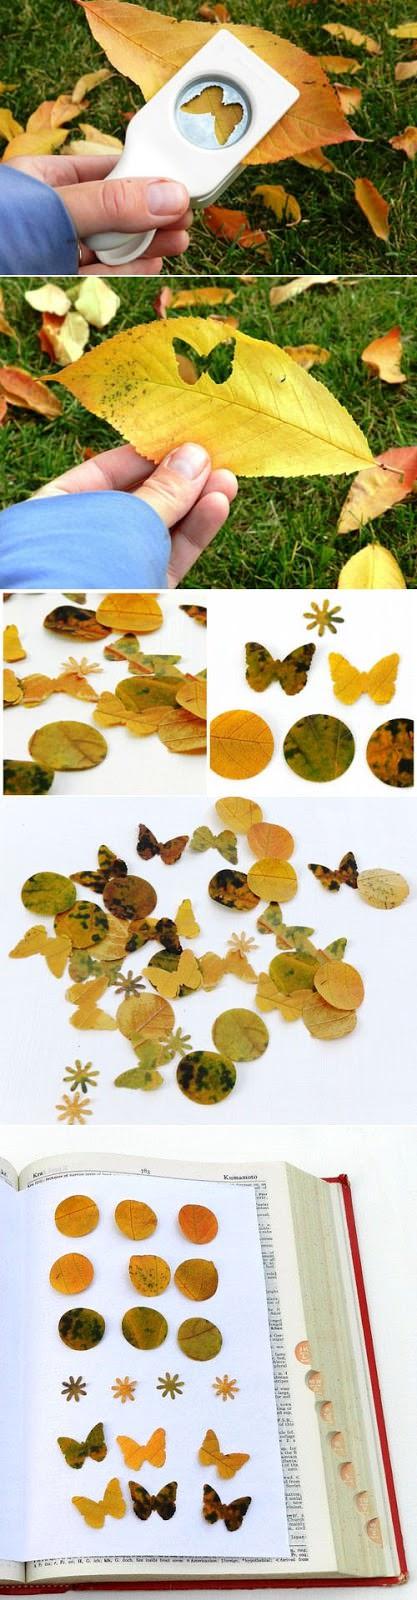 manualidades otoñales con hojas 7 Manualidades con hojas de otoño para niños